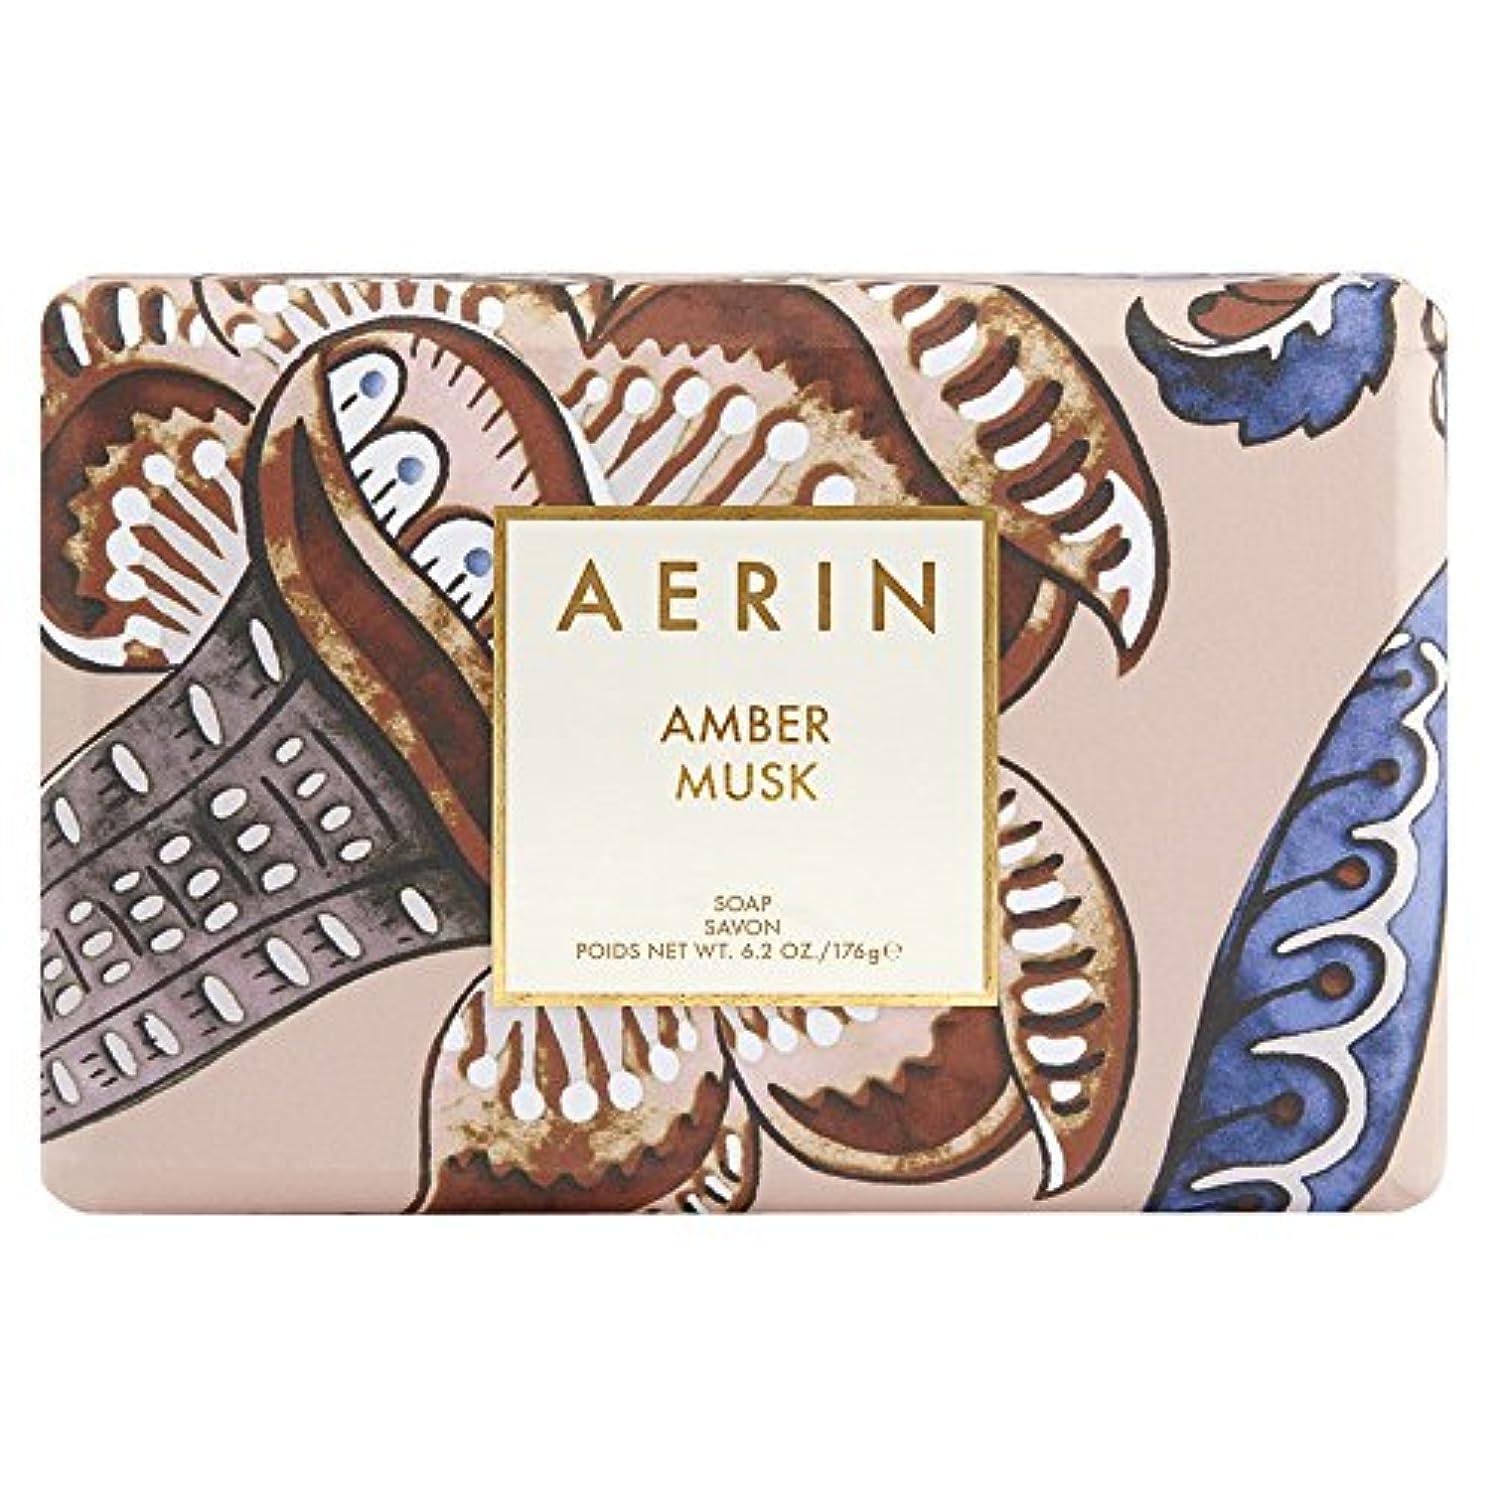 与える木製現れるAerinアンバームスクソープ176グラム (AERIN) (x6) - AERIN Amber Musk Soap 176g (Pack of 6) [並行輸入品]